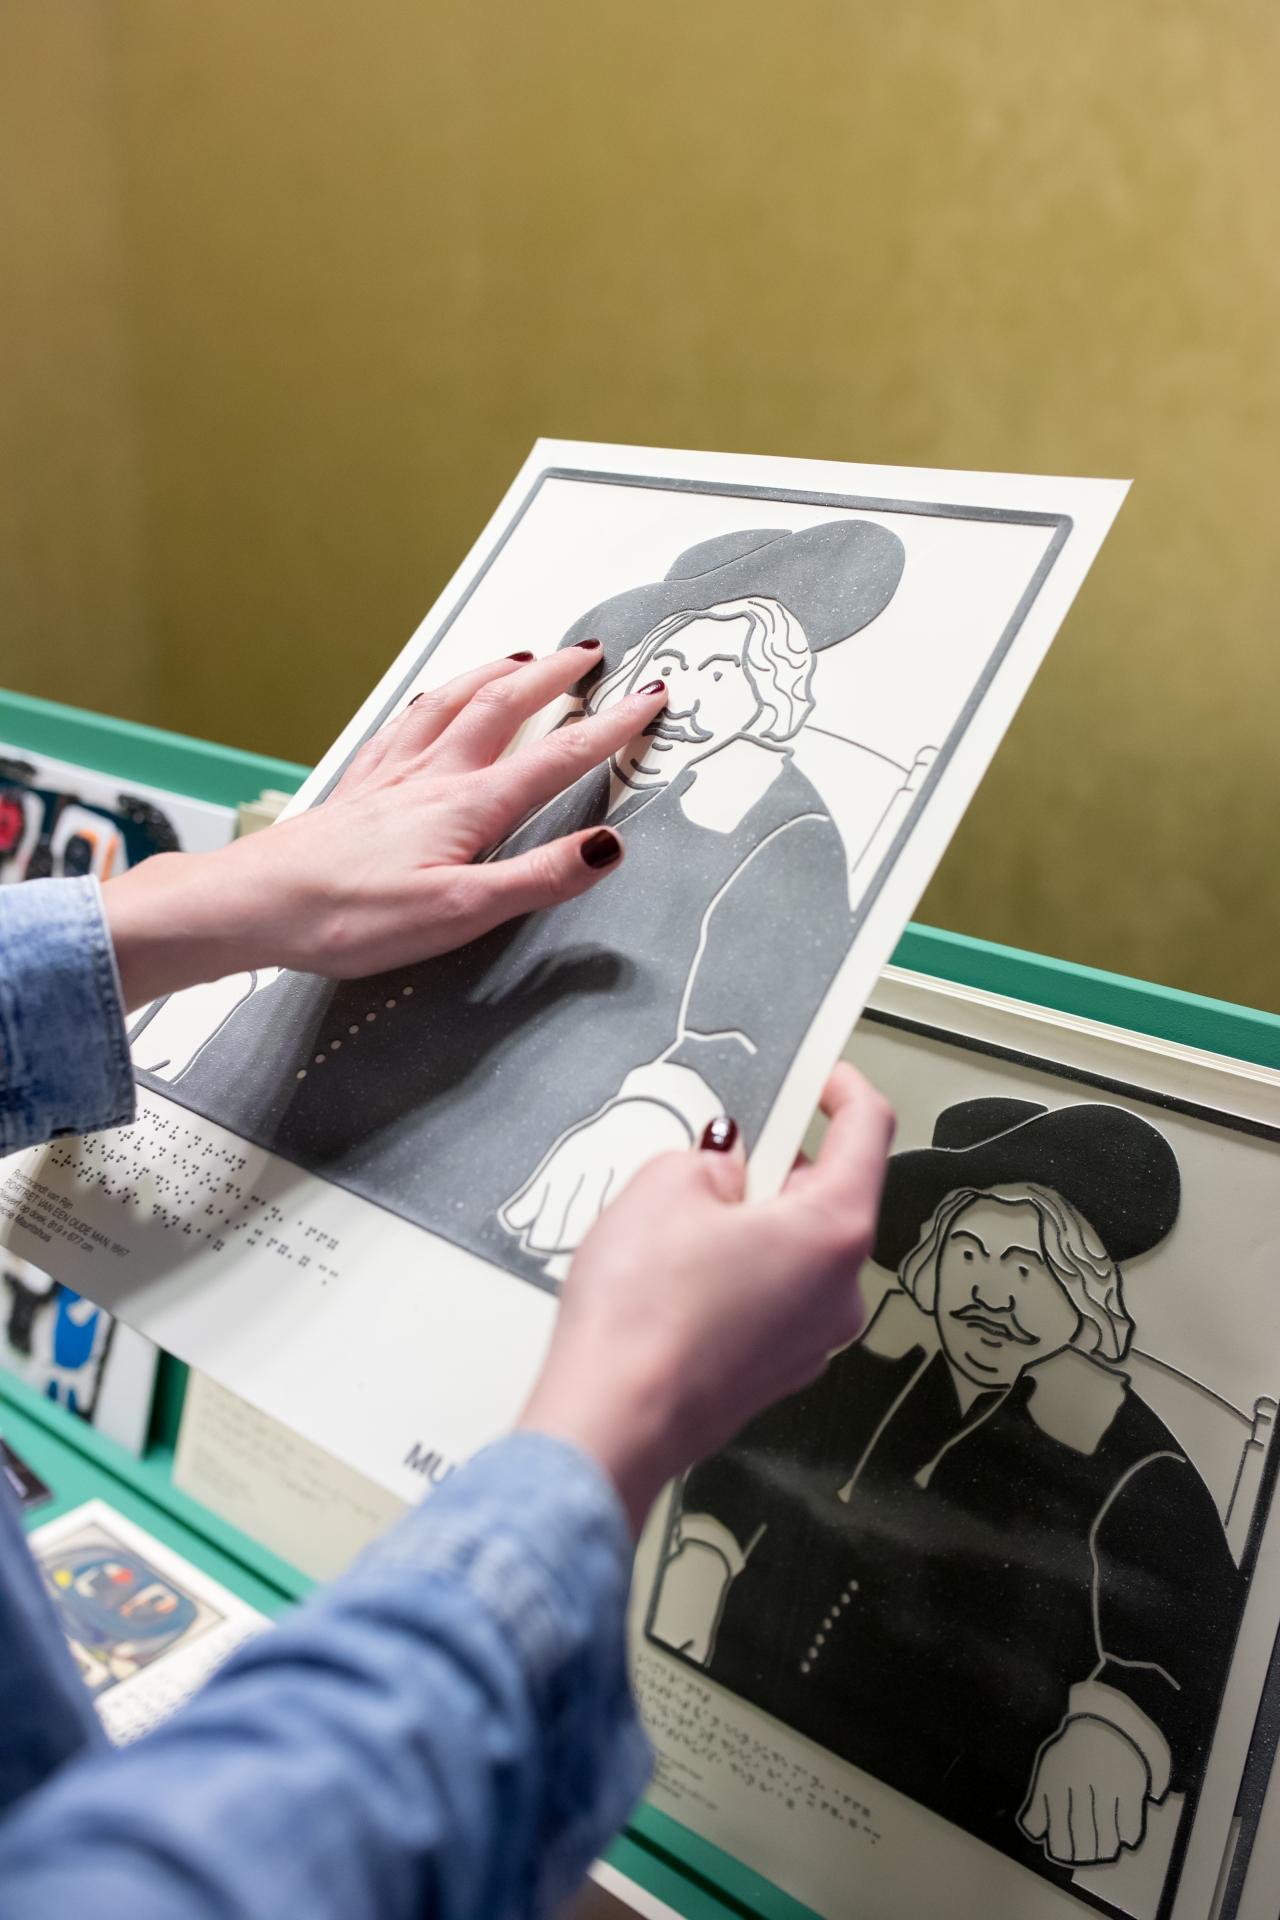 Bezoeker bekijkt kunstwerk met behulp van een voelplaat